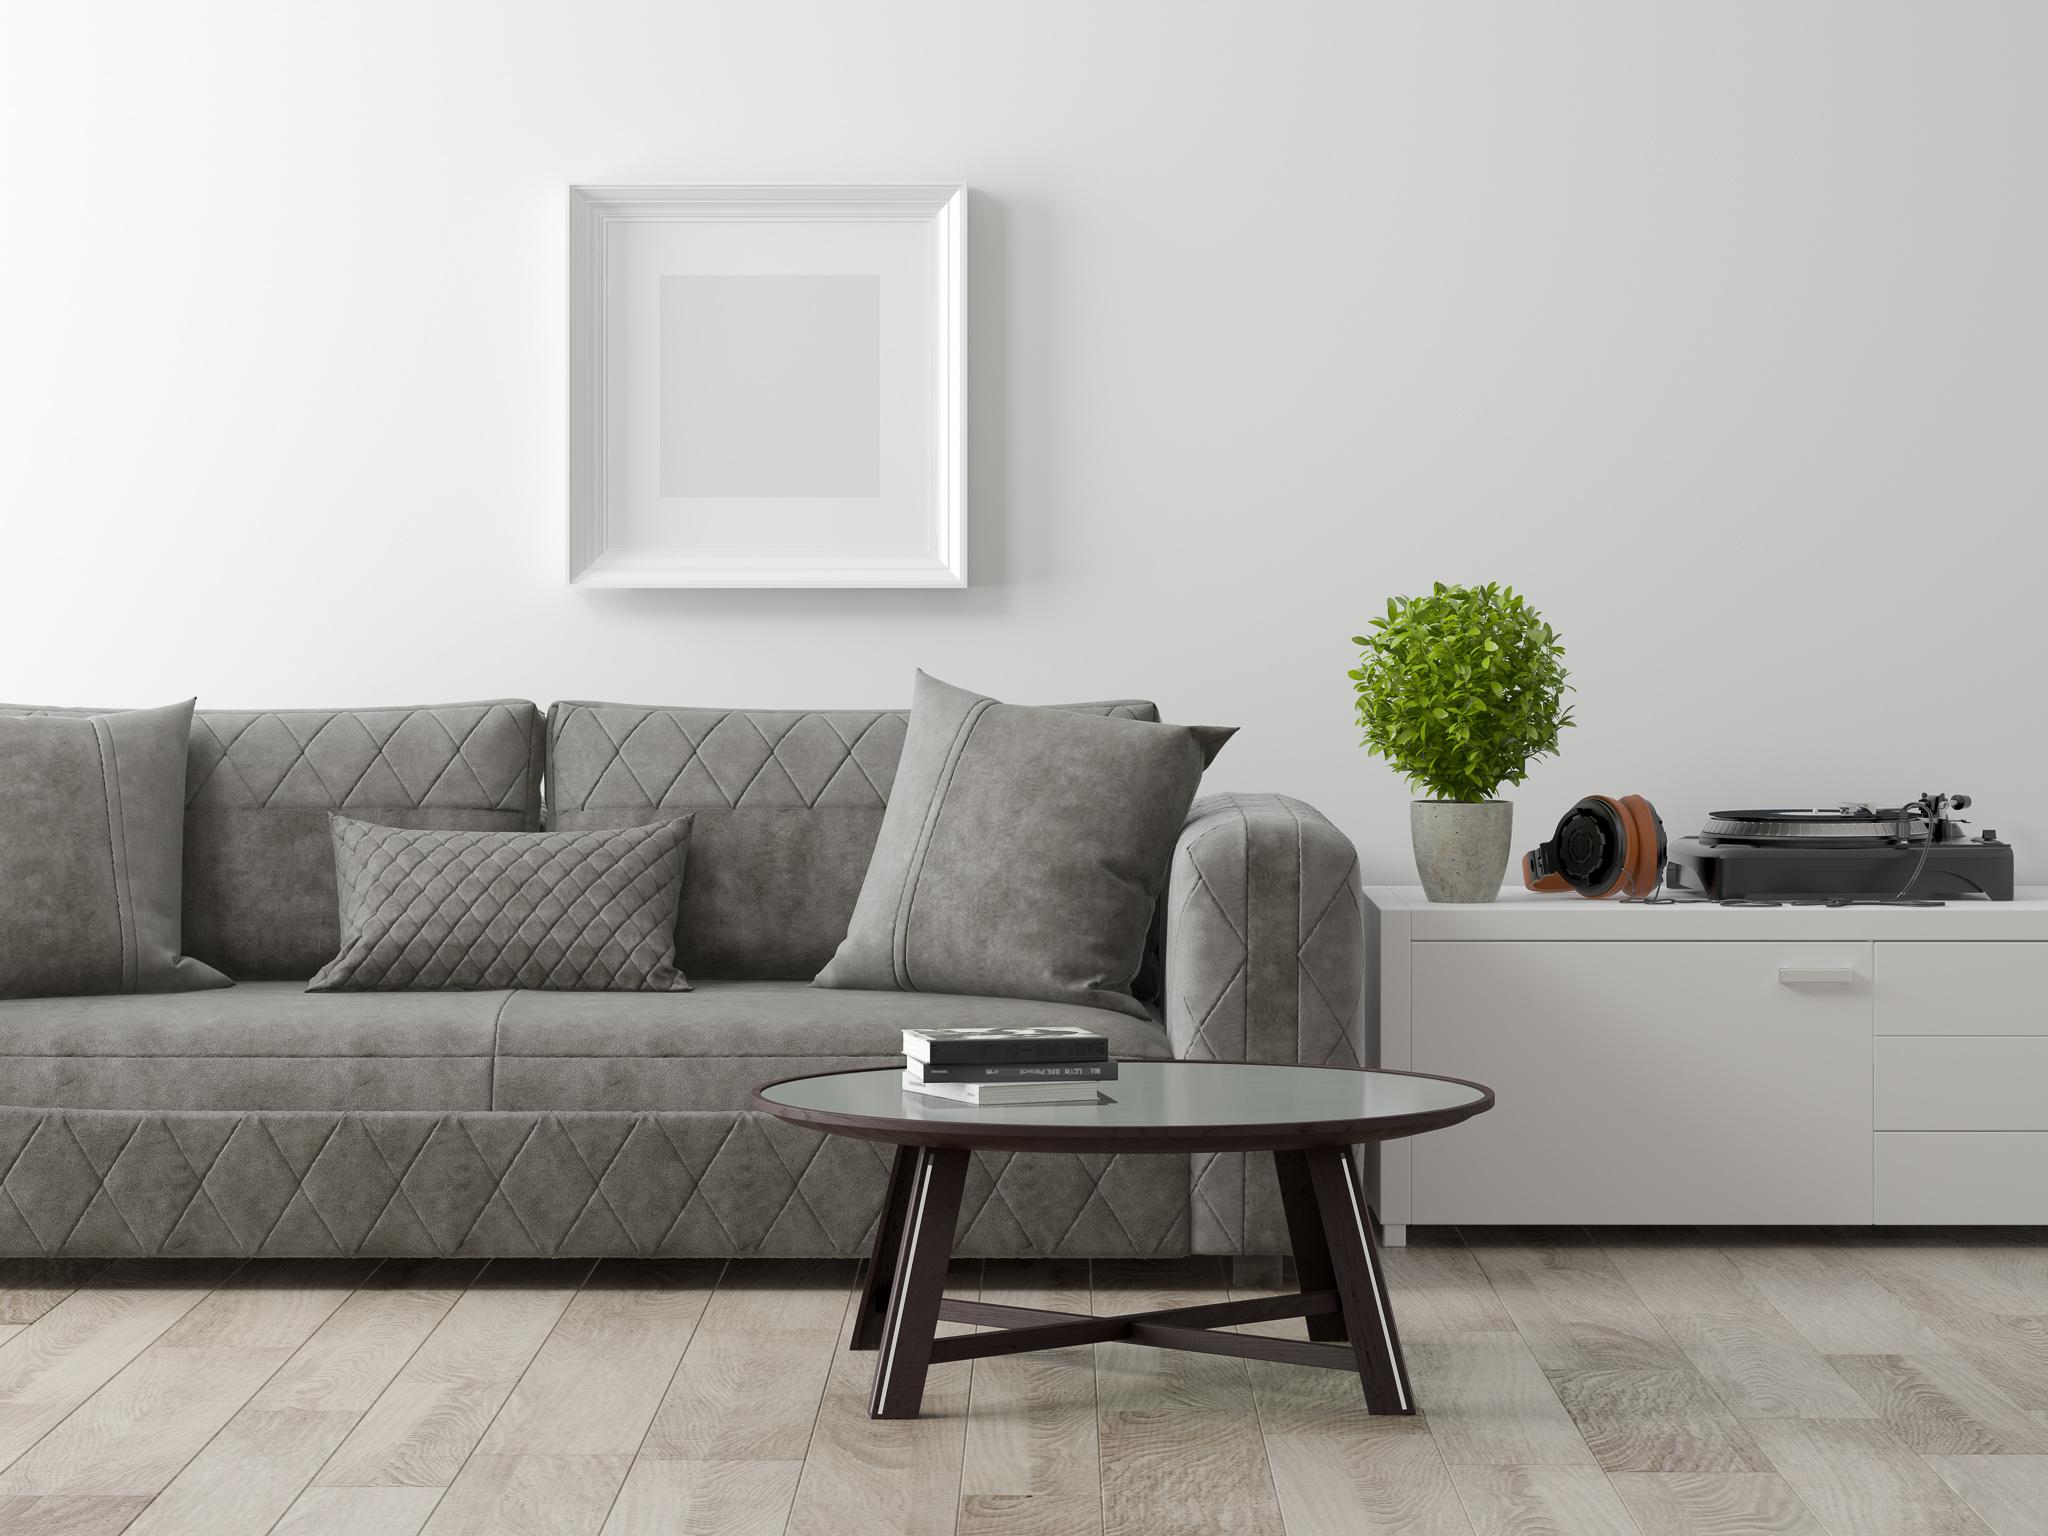 Design de interiores contemporâneo